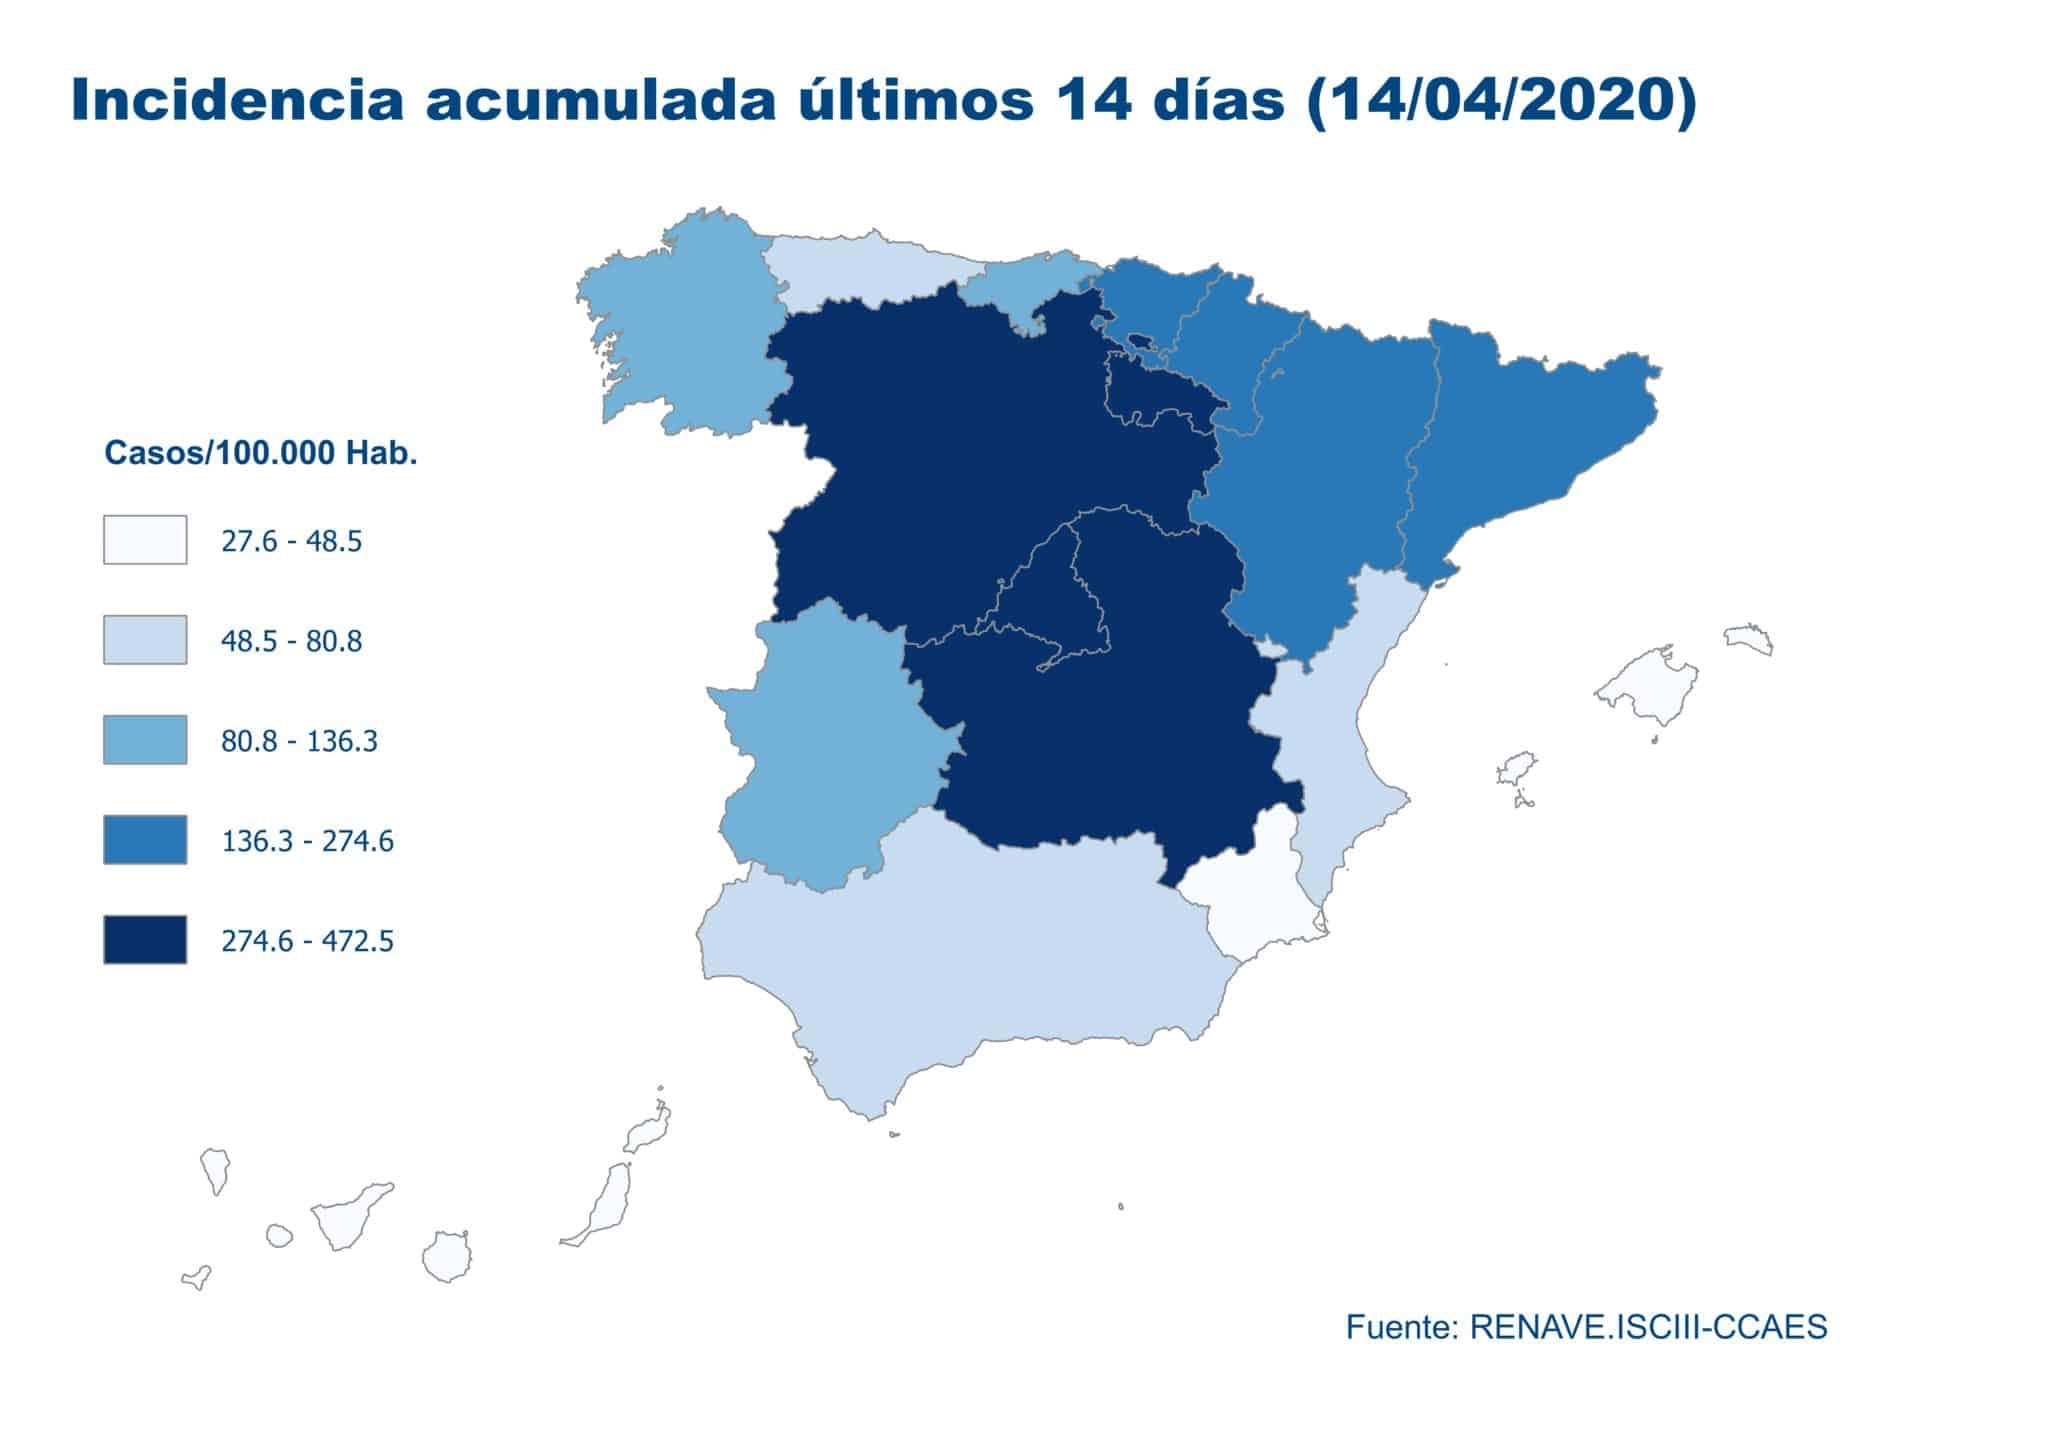 La Rioja sufre 12 nuevos fallecimientos por COVID-19 3